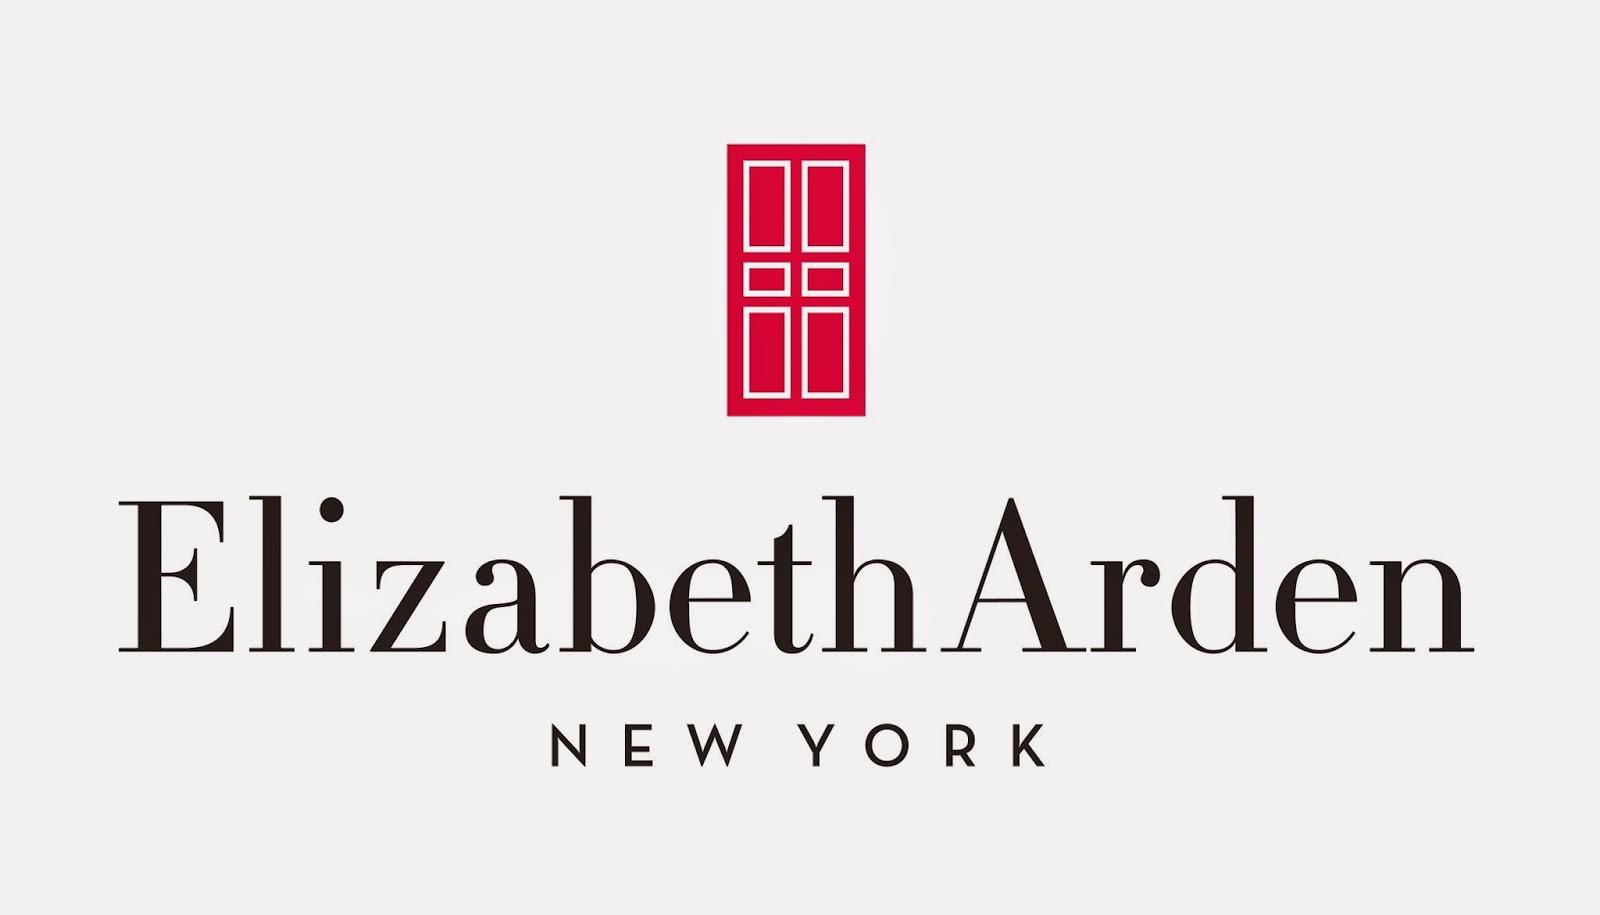 http://www.elizabetharden.com